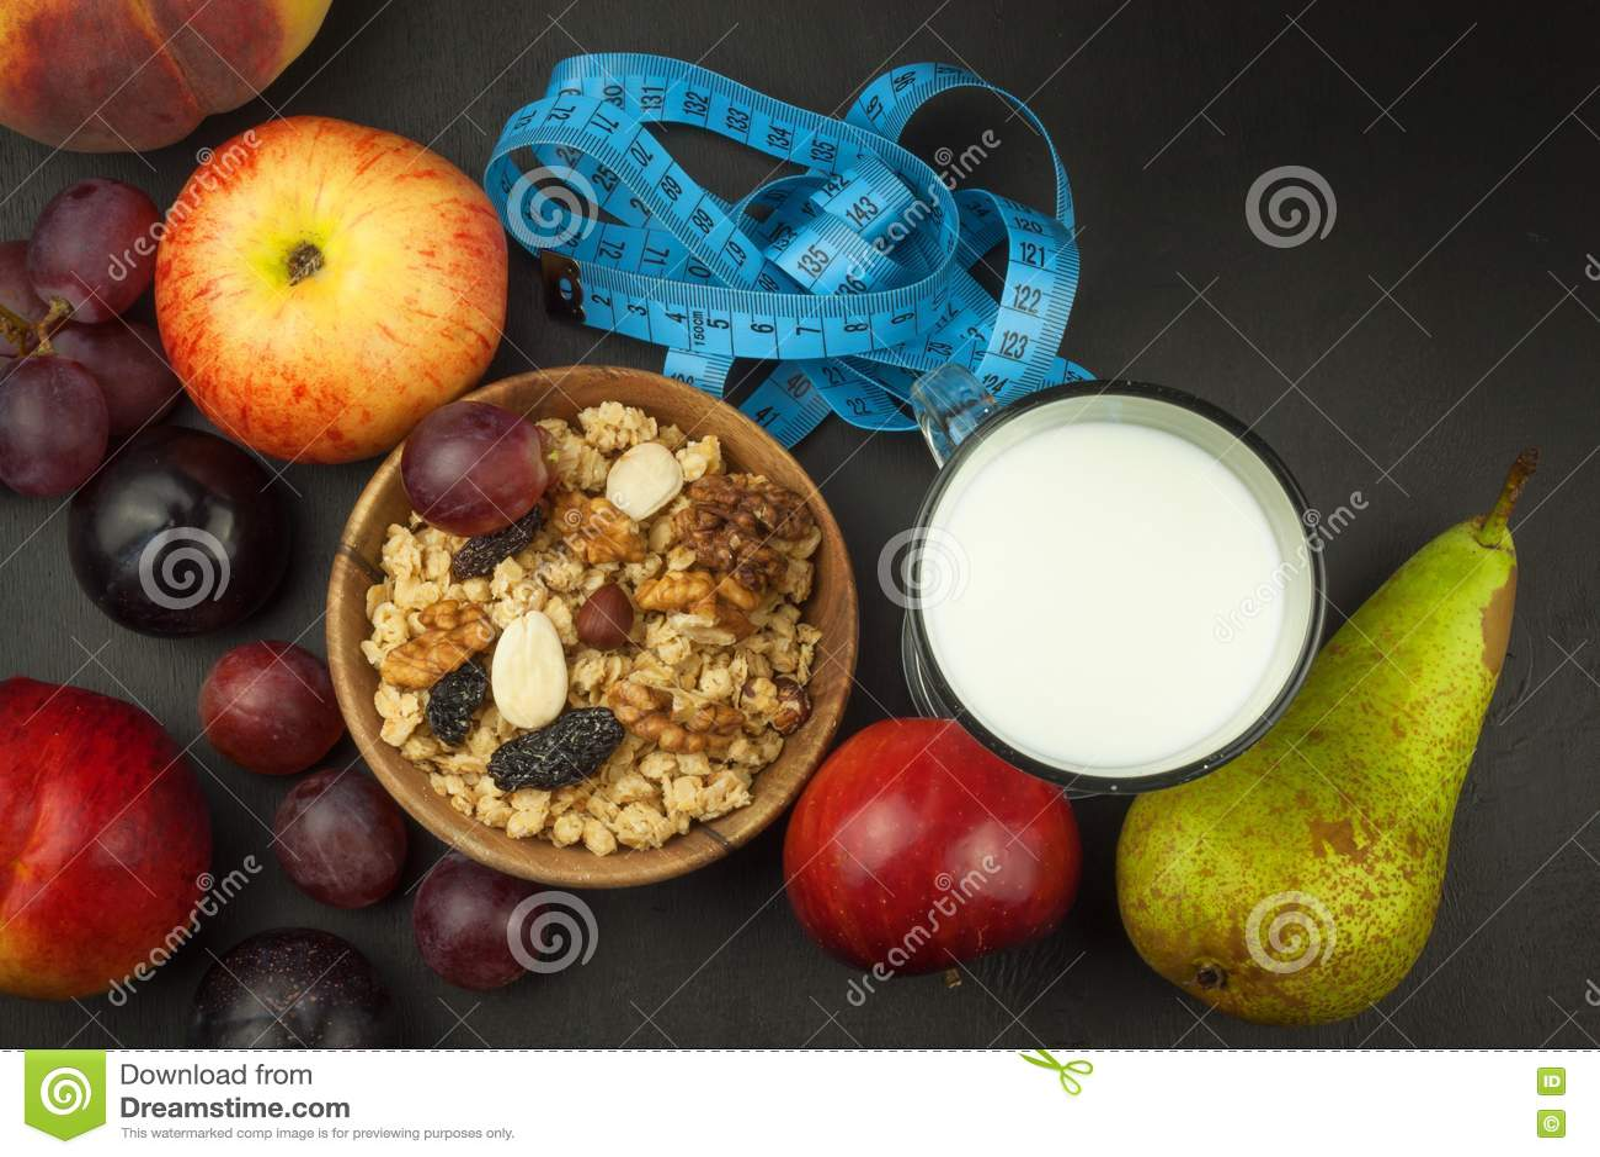 Hafermehl, Frucht und ein Glas Milch Nähren Sie Nahrung Nahrhaftes Lebensmittel für Athleten Gesunde Diät Traditionelles Frühstüc